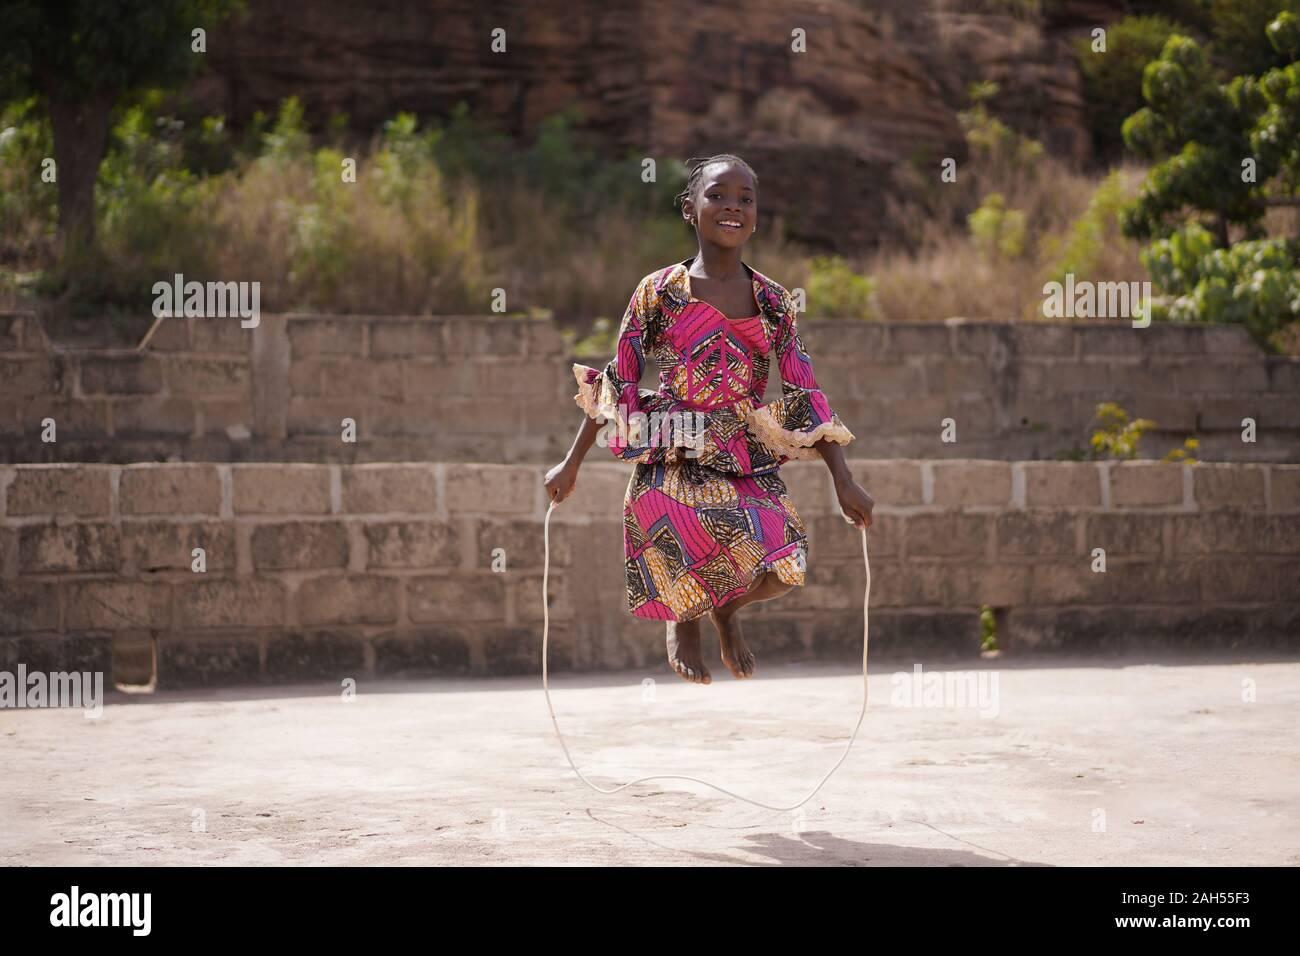 Souriante Jeune fille africaine se réchauffer avec une corde à sauter dans l'arrière-cour Banque D'Images